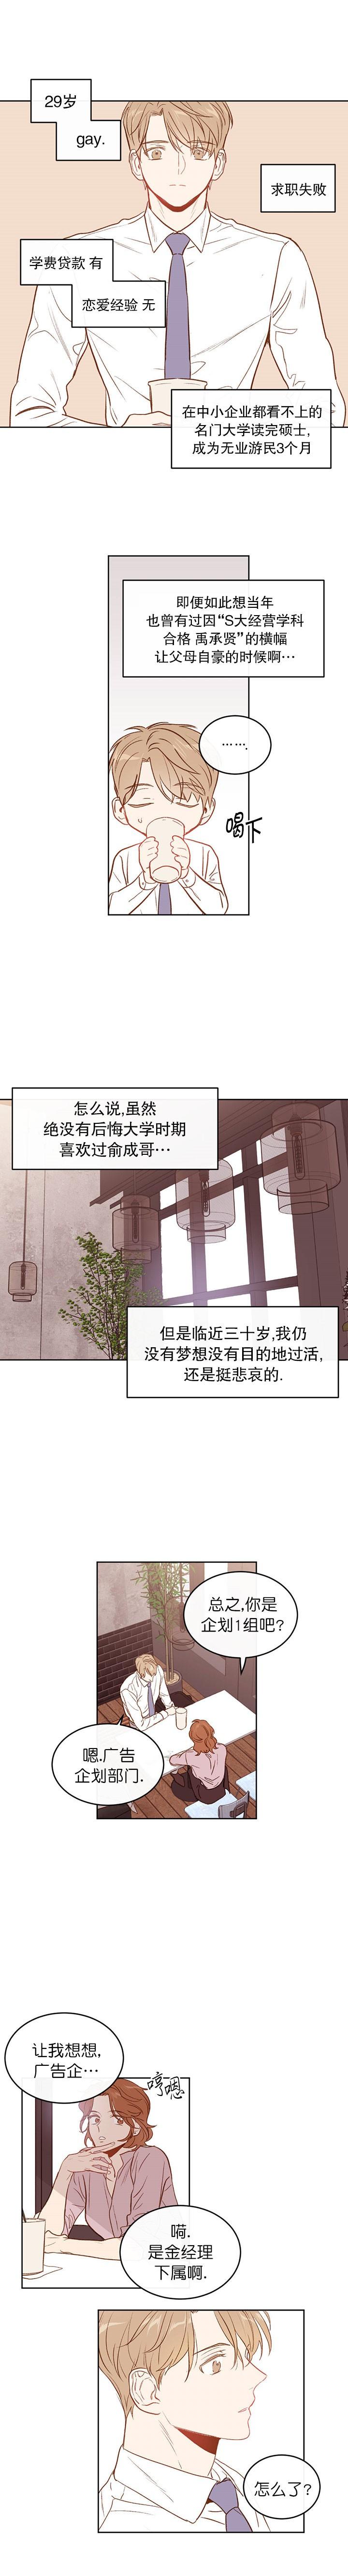 撩走大魔王-漫画下拉式免费阅读&完整版汉化_最新连载首发-啵乐漫画